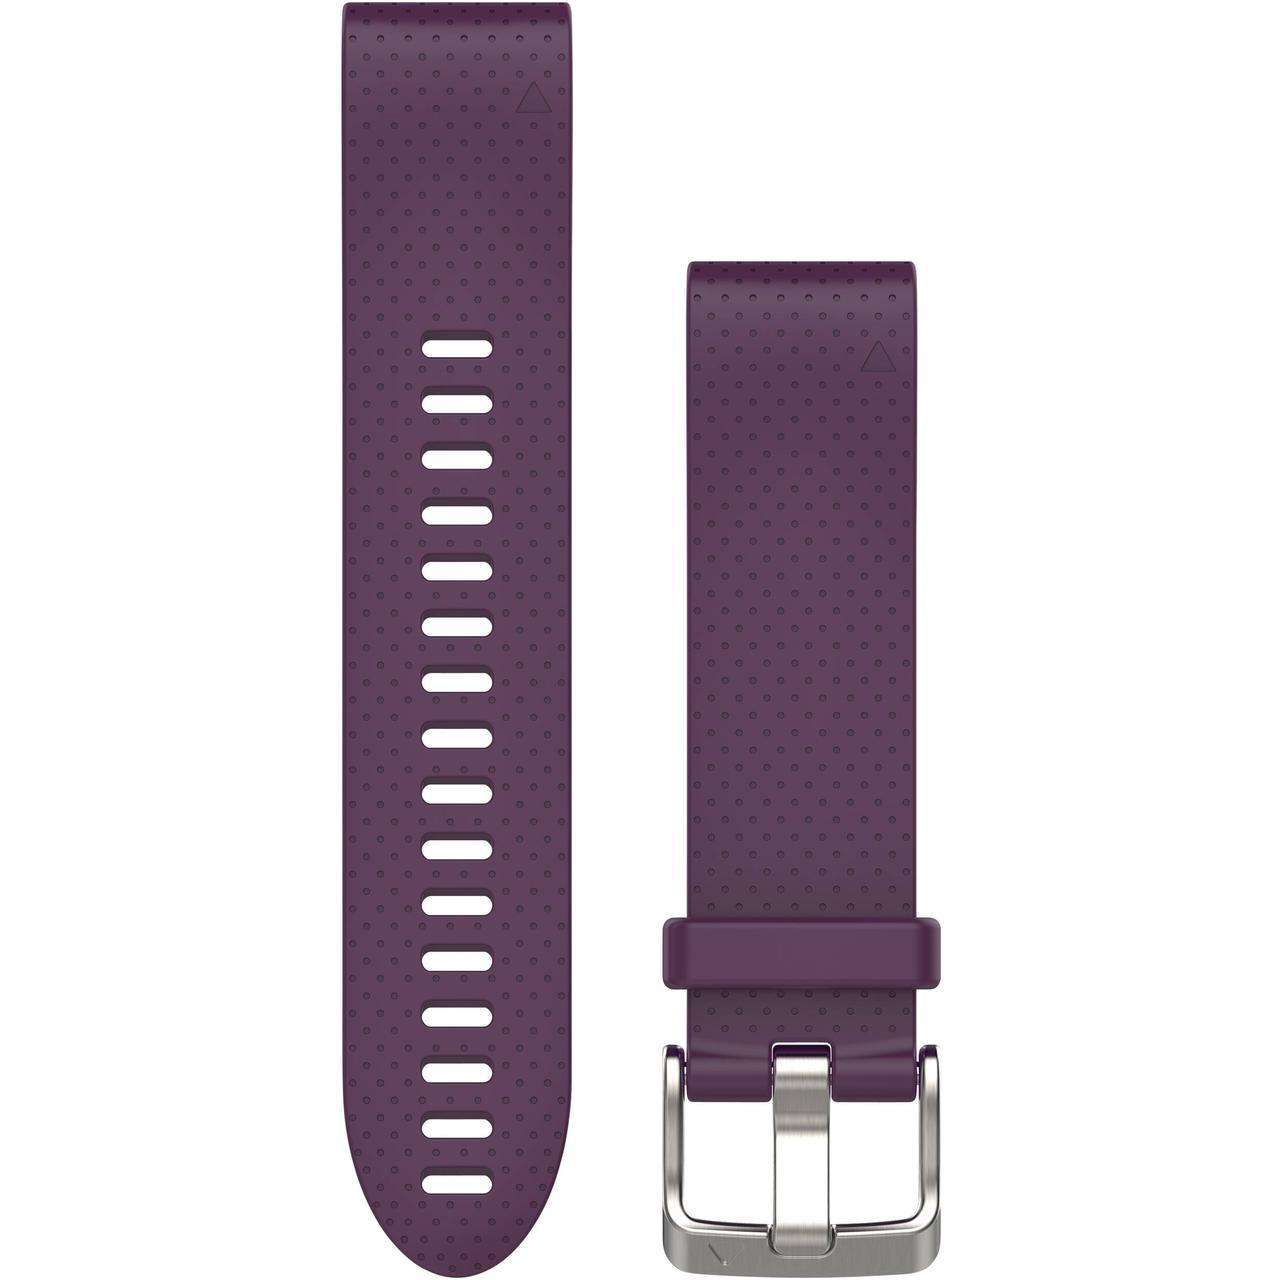 Ремешок для GPS часов Garmin Fenix 5S/6S силикон фиолетовый